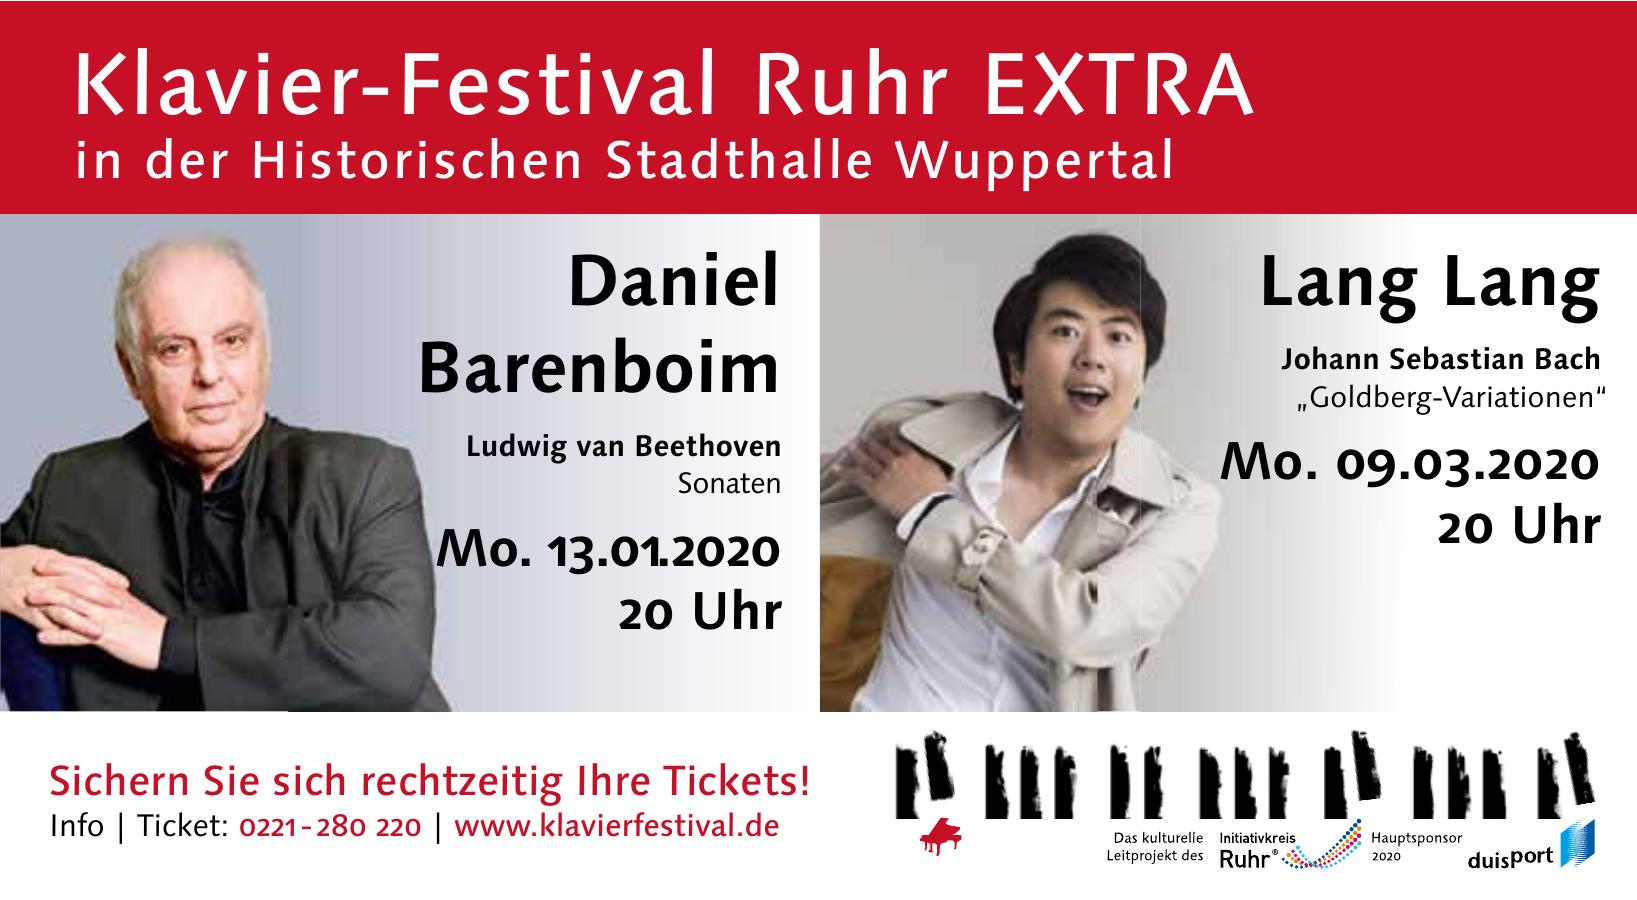 Klavier-Festival Ruhr EXTRA